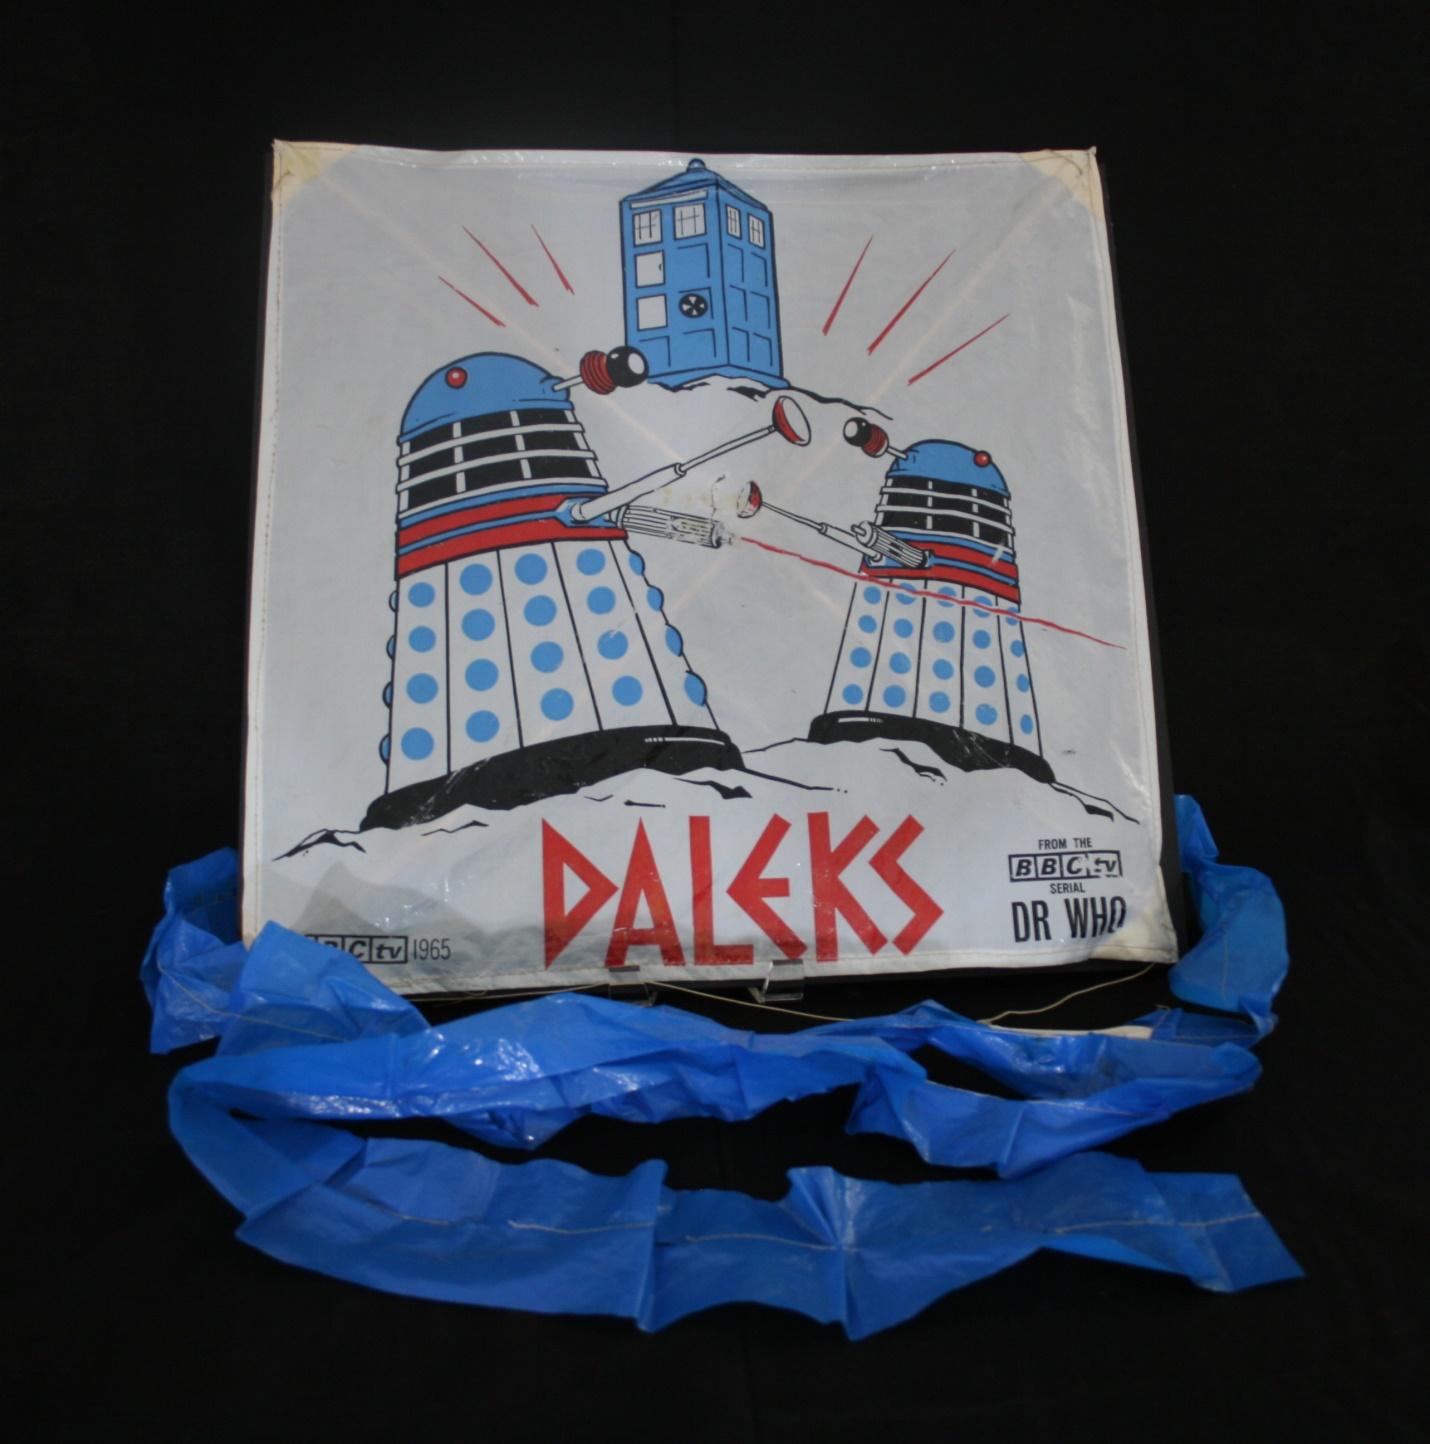 Bowman Jenkins Ltd., polythene Dalek kite